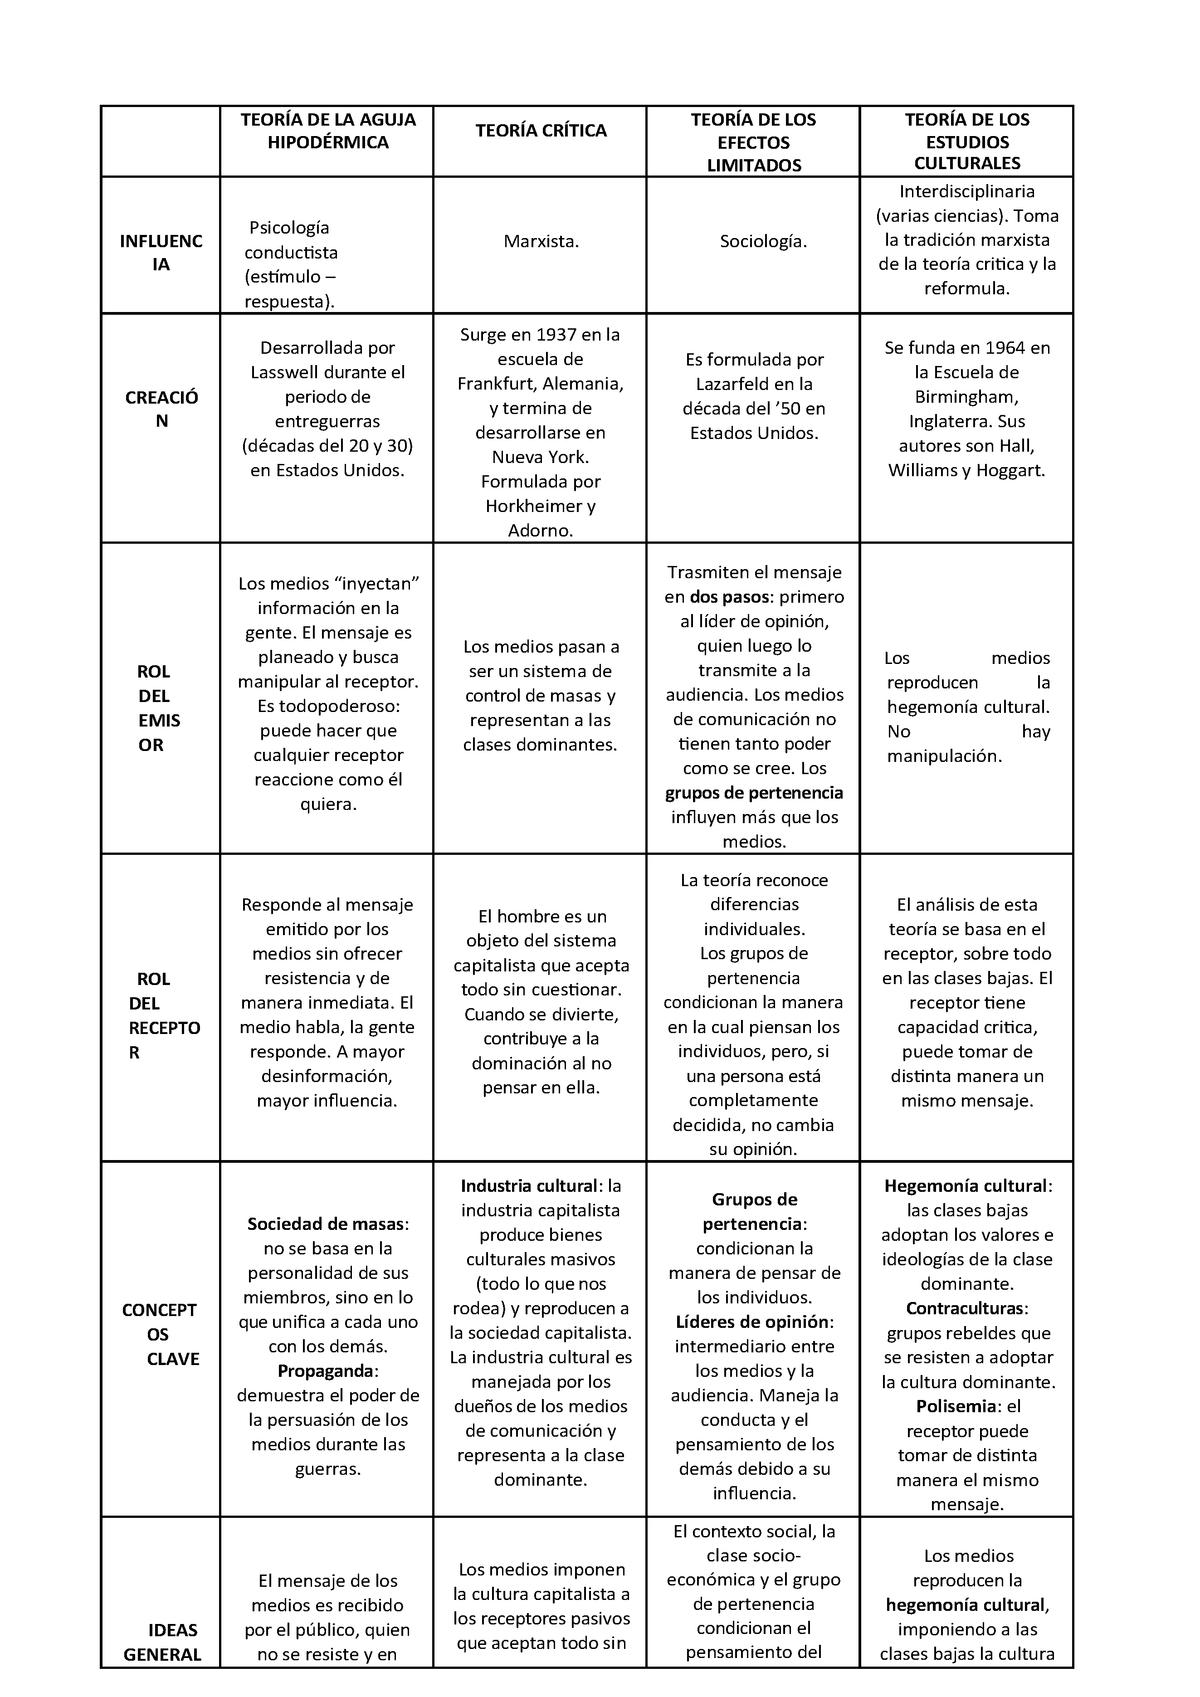 Cuadro Comparativo De Teorías De La Comunicación I408 20 Studocu